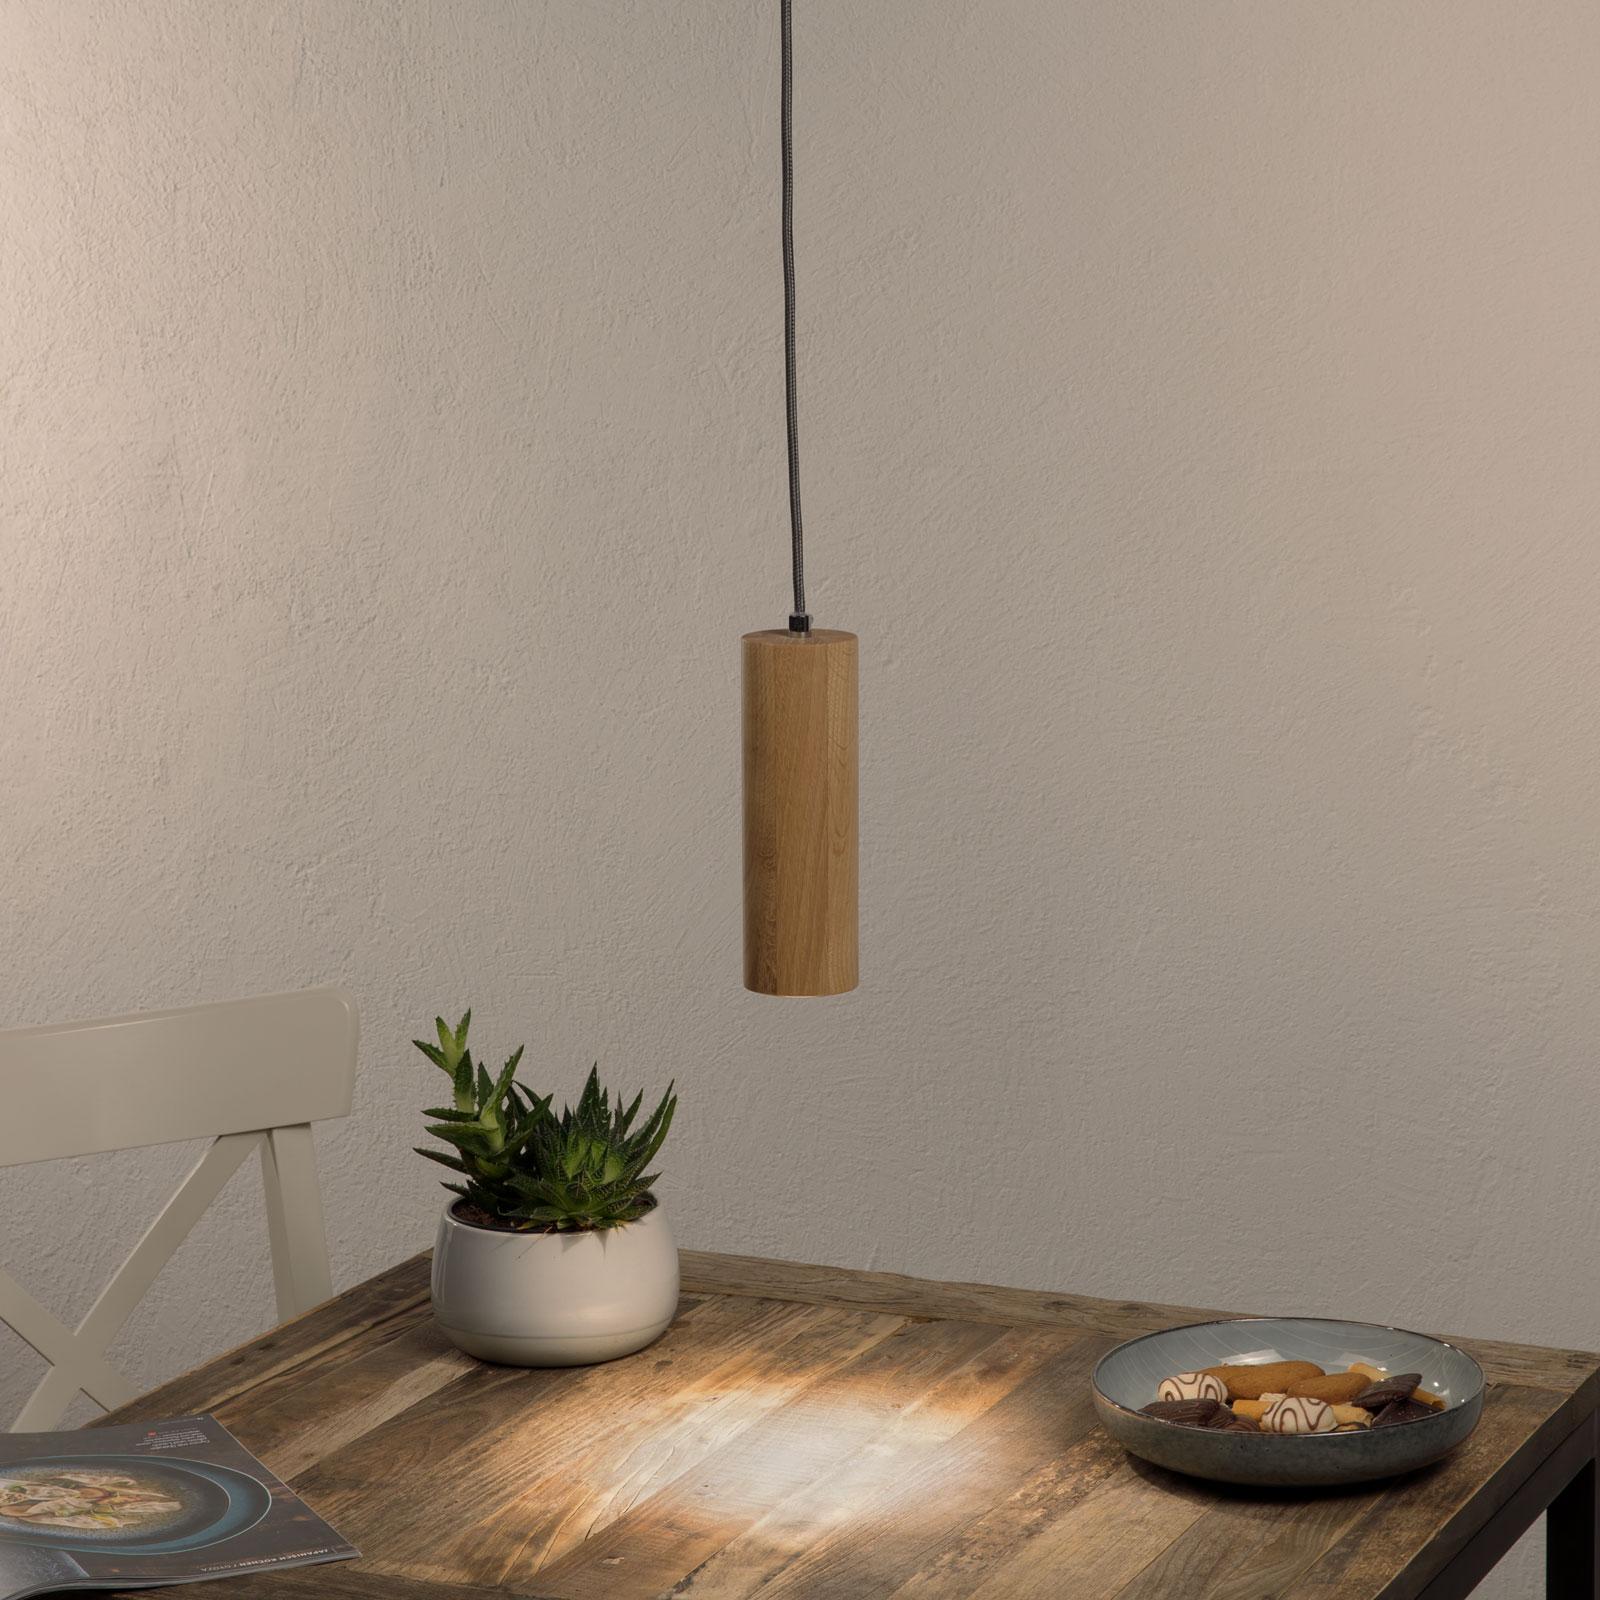 Pipe LED-pendellampe med 1 lyskilde af egetræ